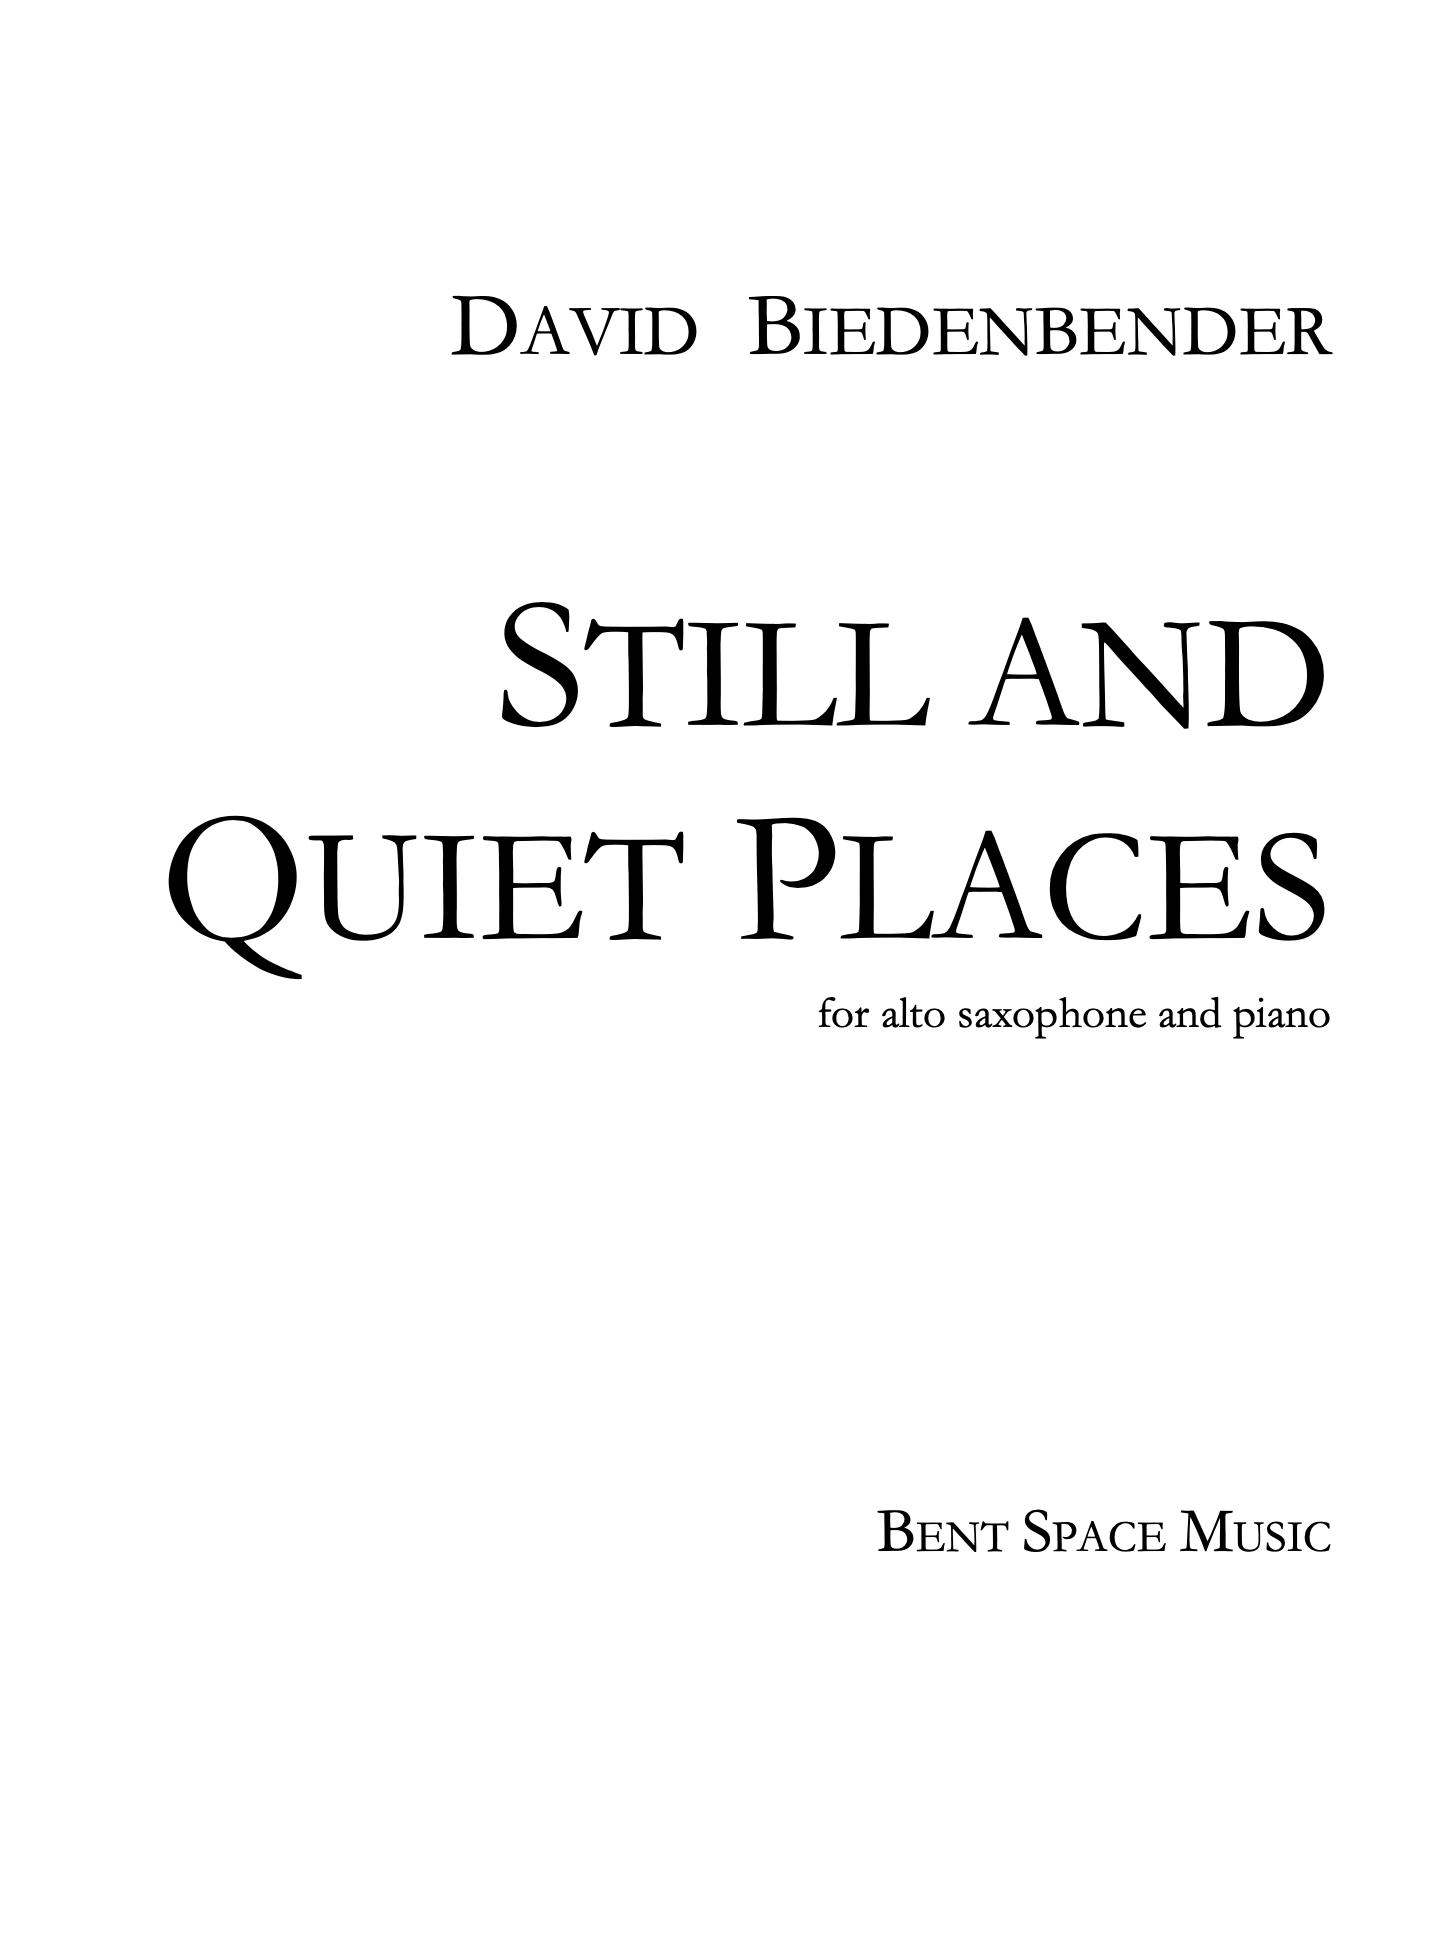 Still And Quiet Places (Saxophone Version) by David Biedenbender